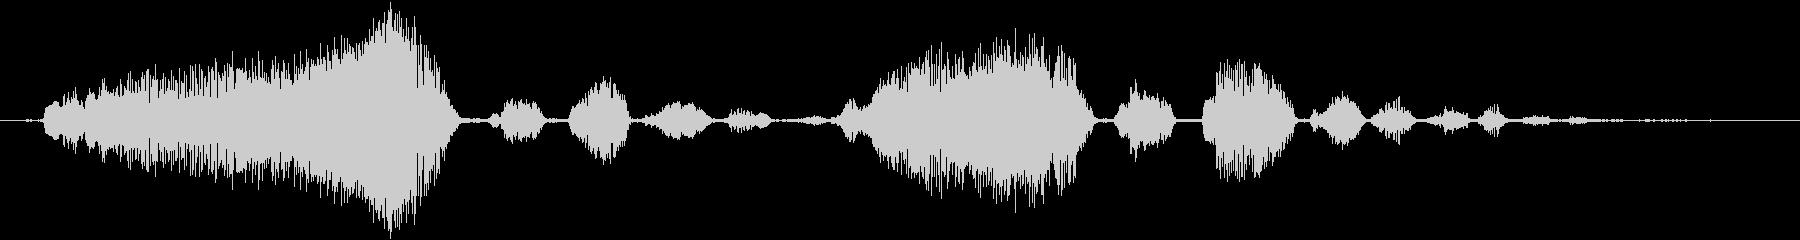 ロバ スクリーム02の未再生の波形